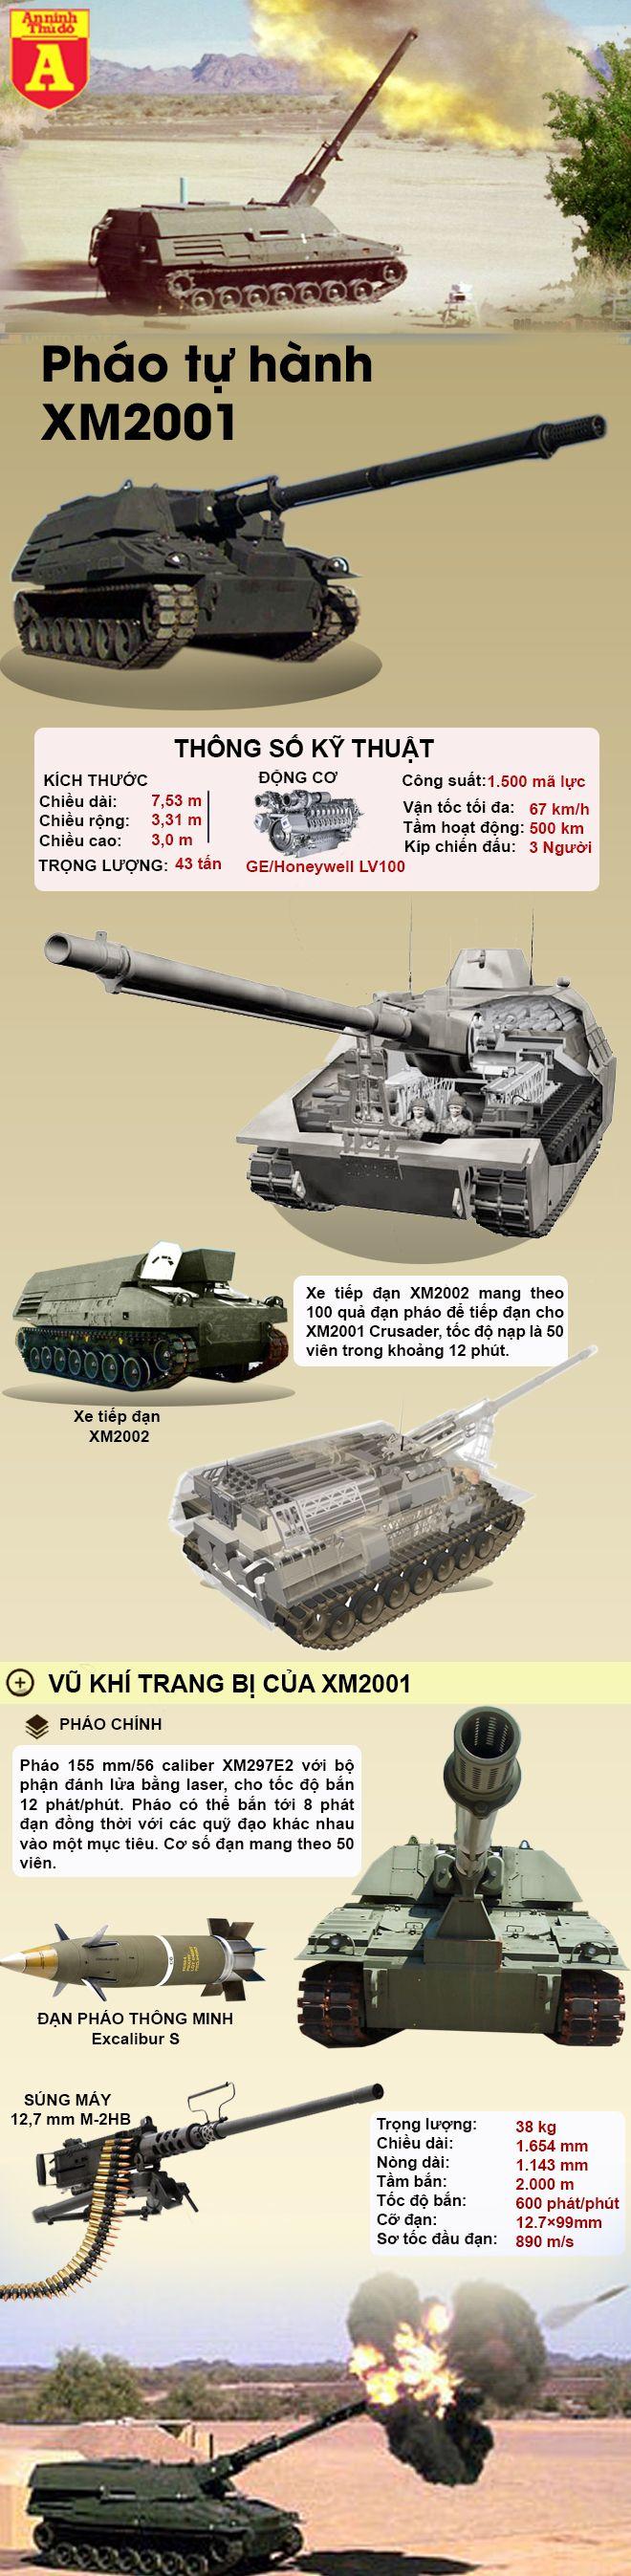 Siêu pháo tự hành Mỹ có thể đè bẹp mọi đối thủ